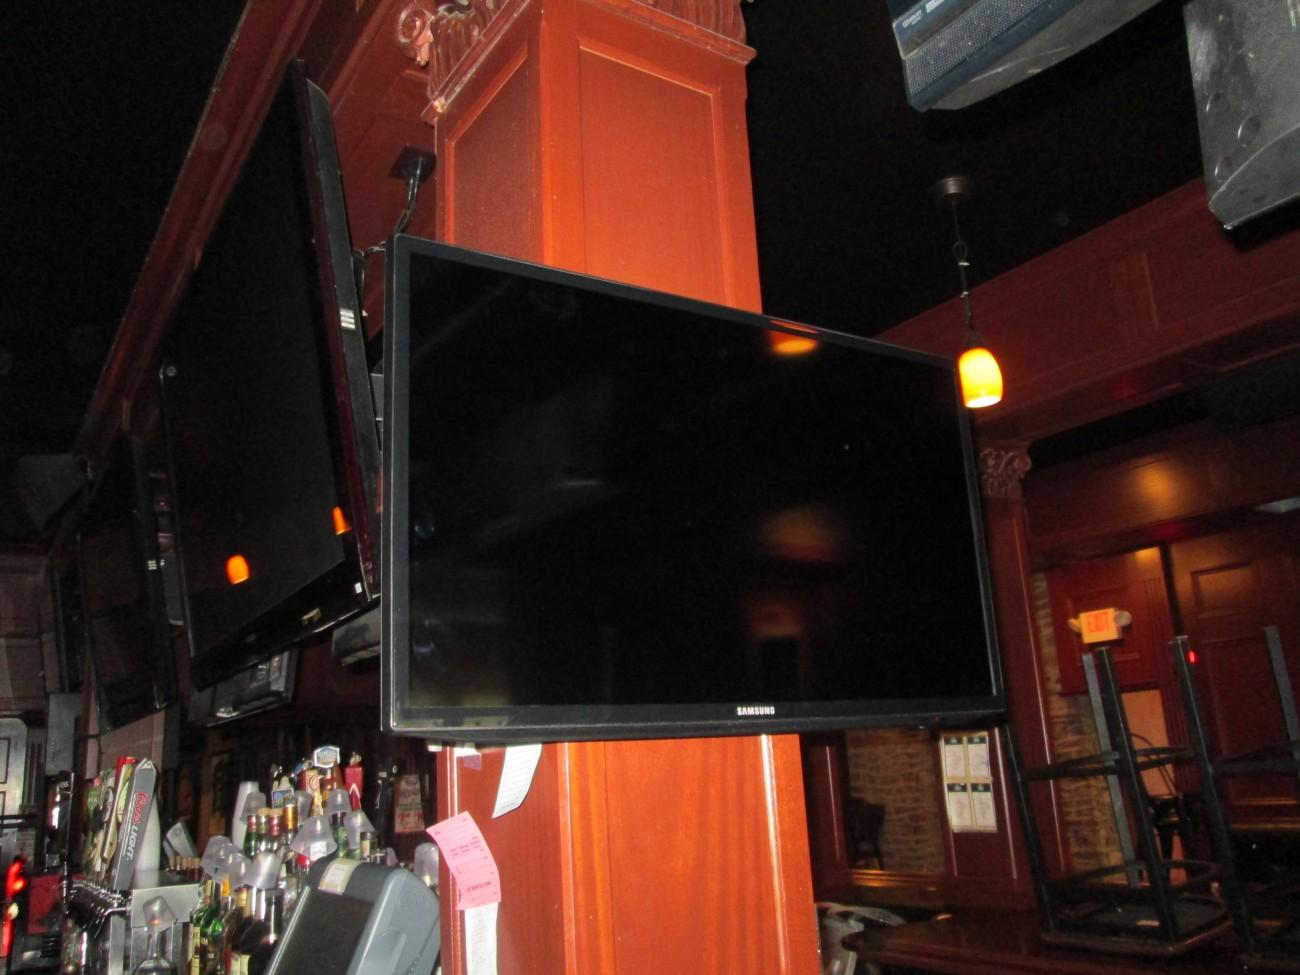 Bar TV Installation